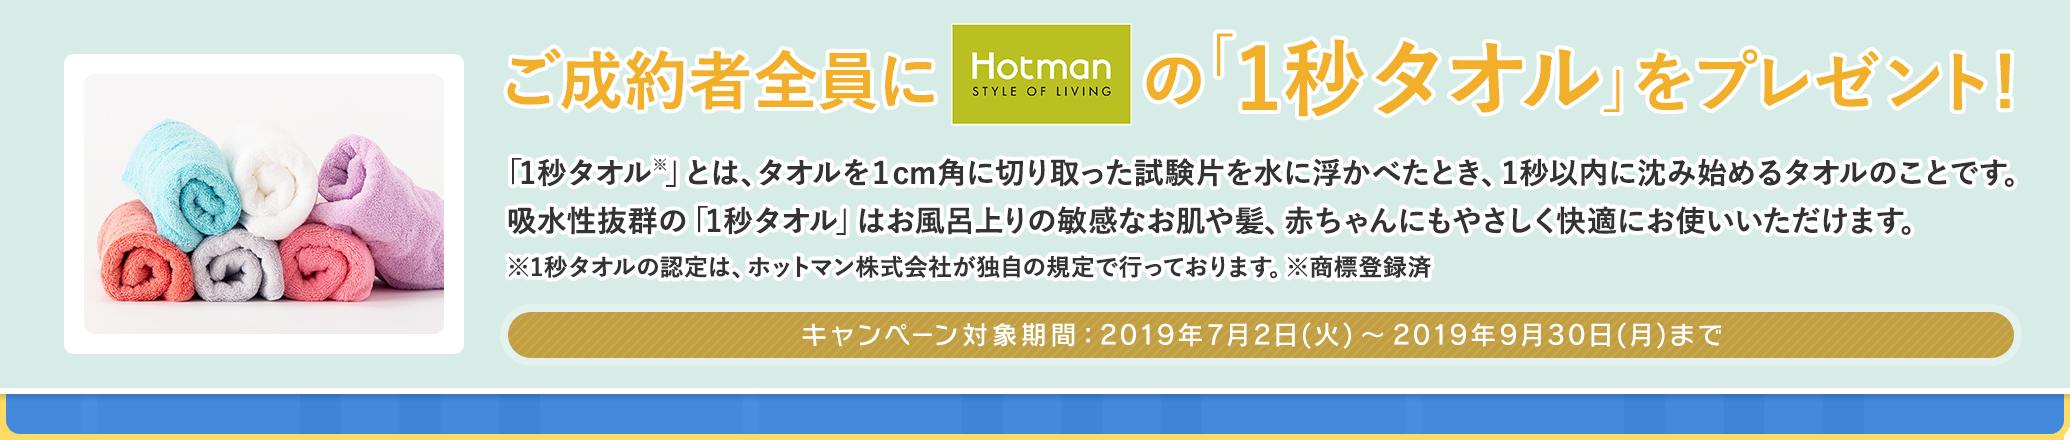 ご成約者全員にホットマンの「1秒タオル」をプレゼント! キャンペーン対象期間 2019年7月2日(火)〜2019年9月30日(月)まで